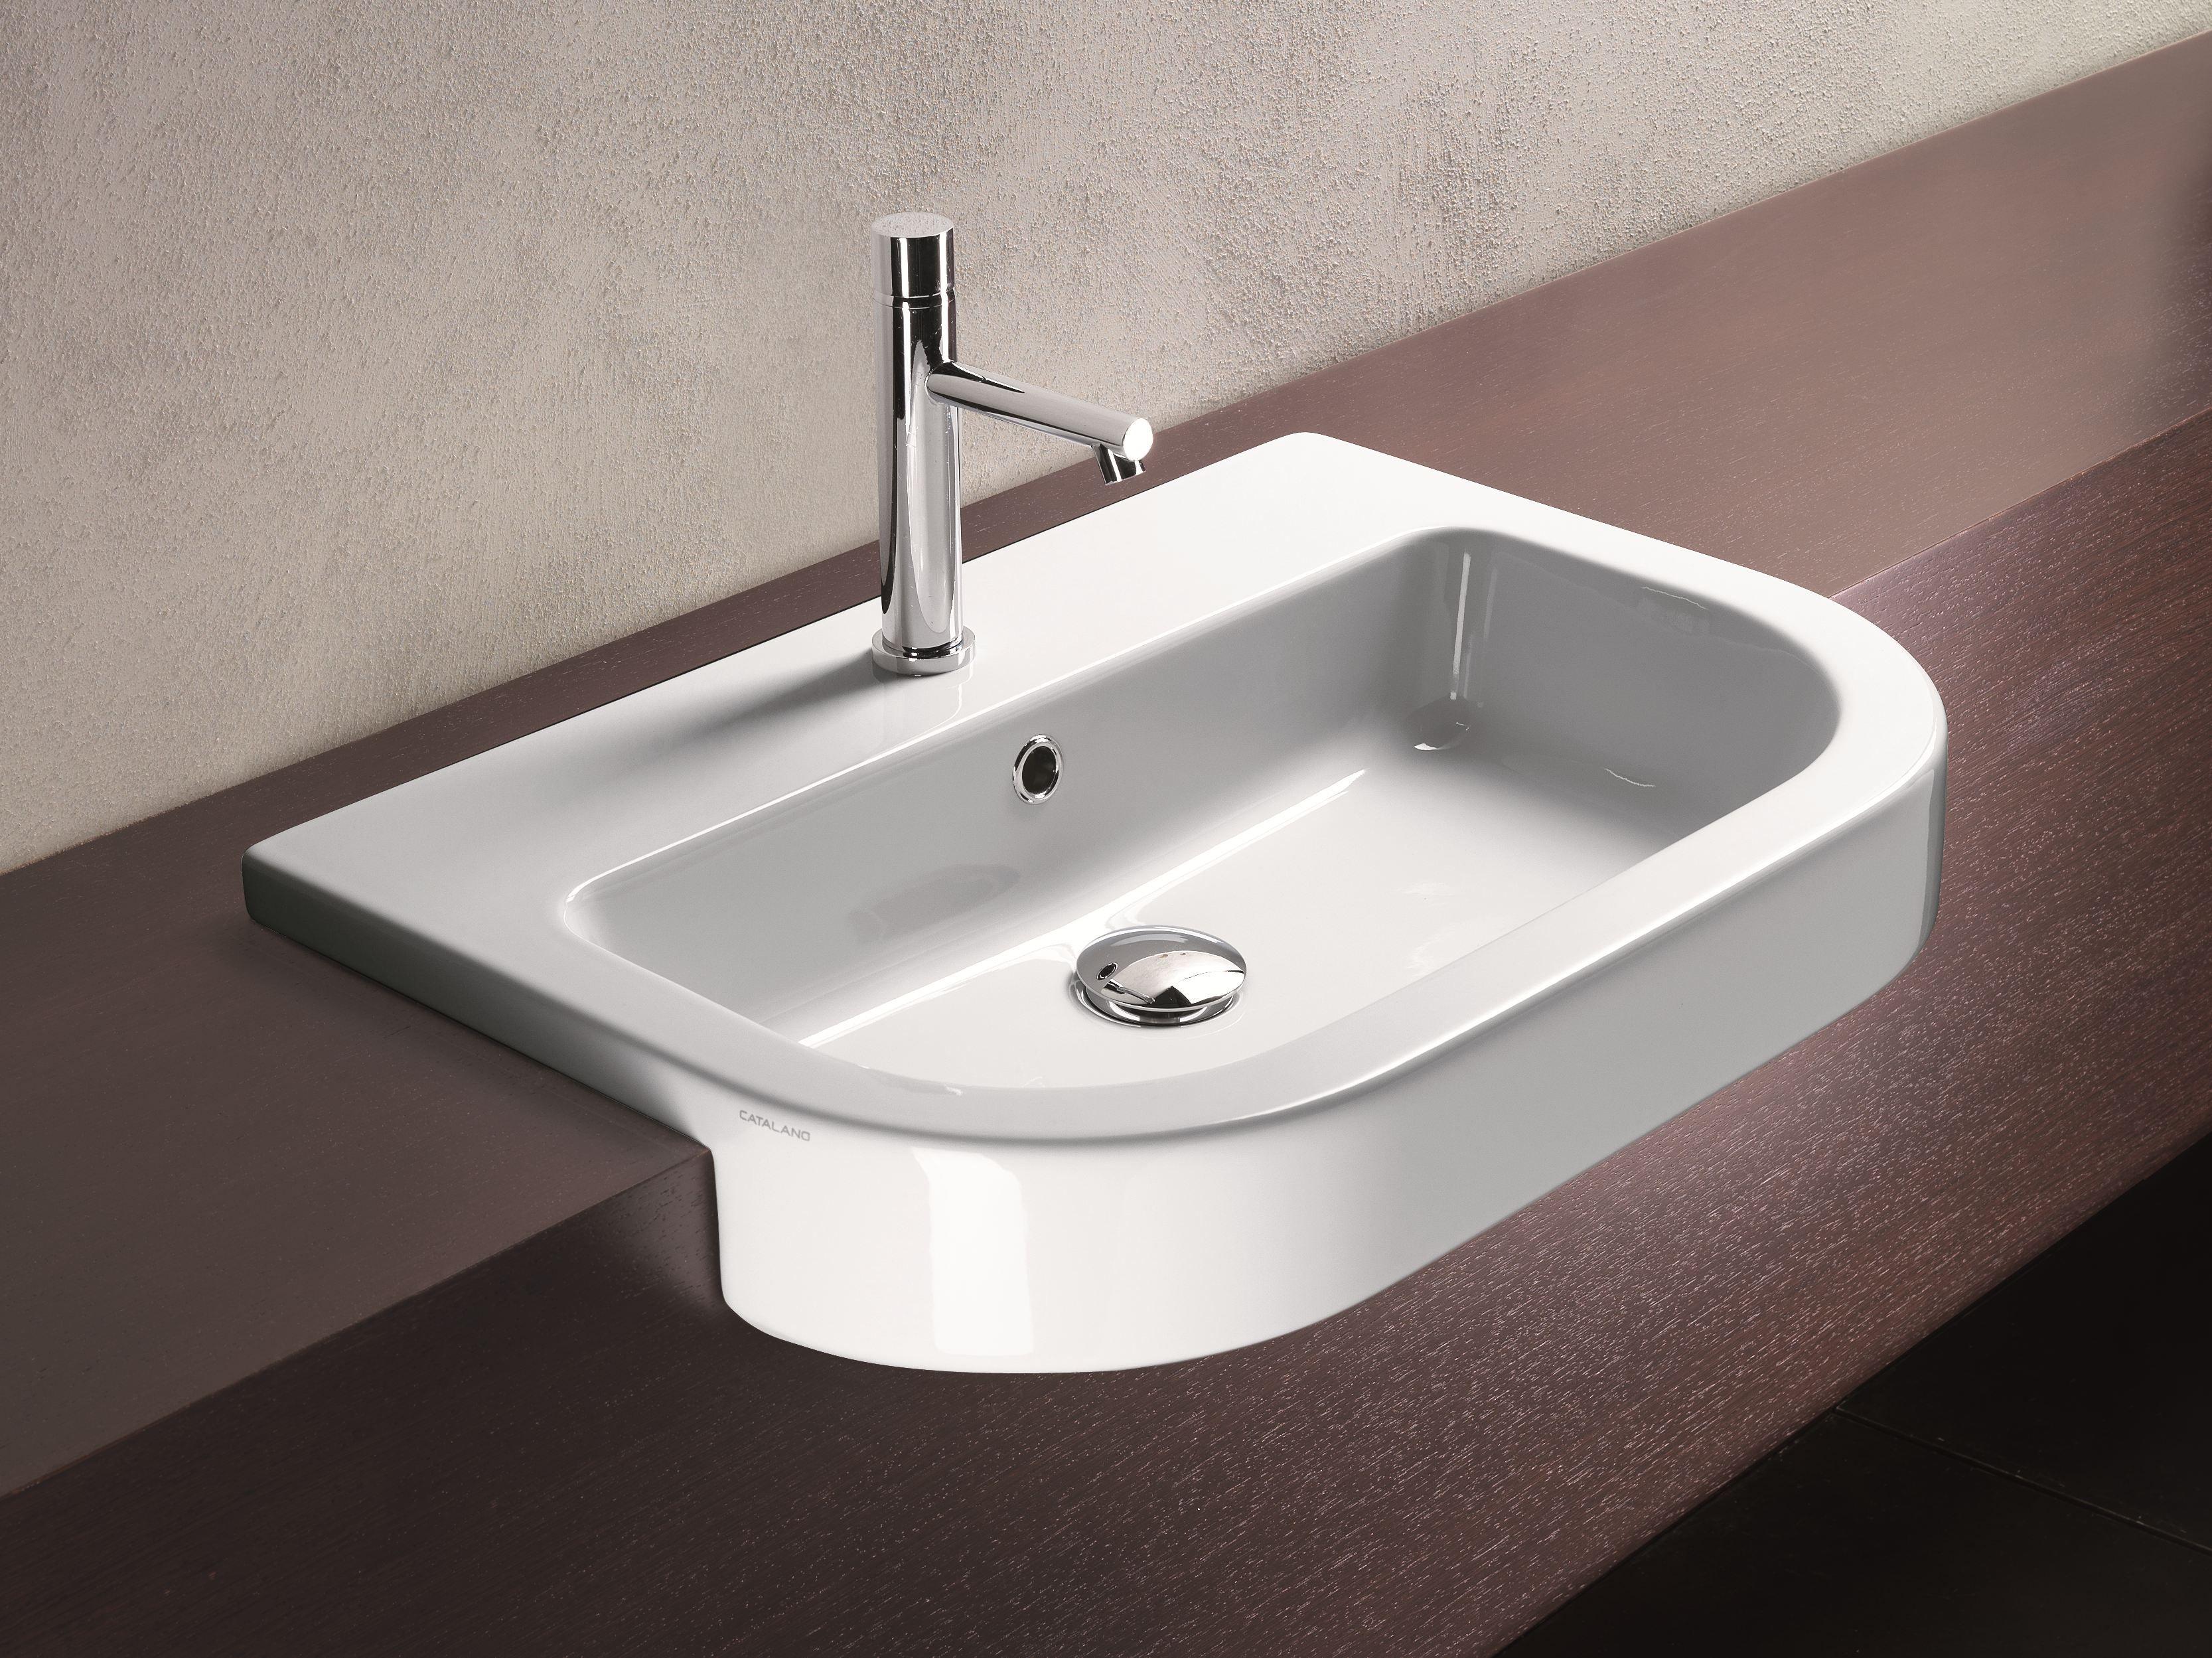 Vasque Salle De Bain Encastrable : Plan vasque salle de bain encastrable